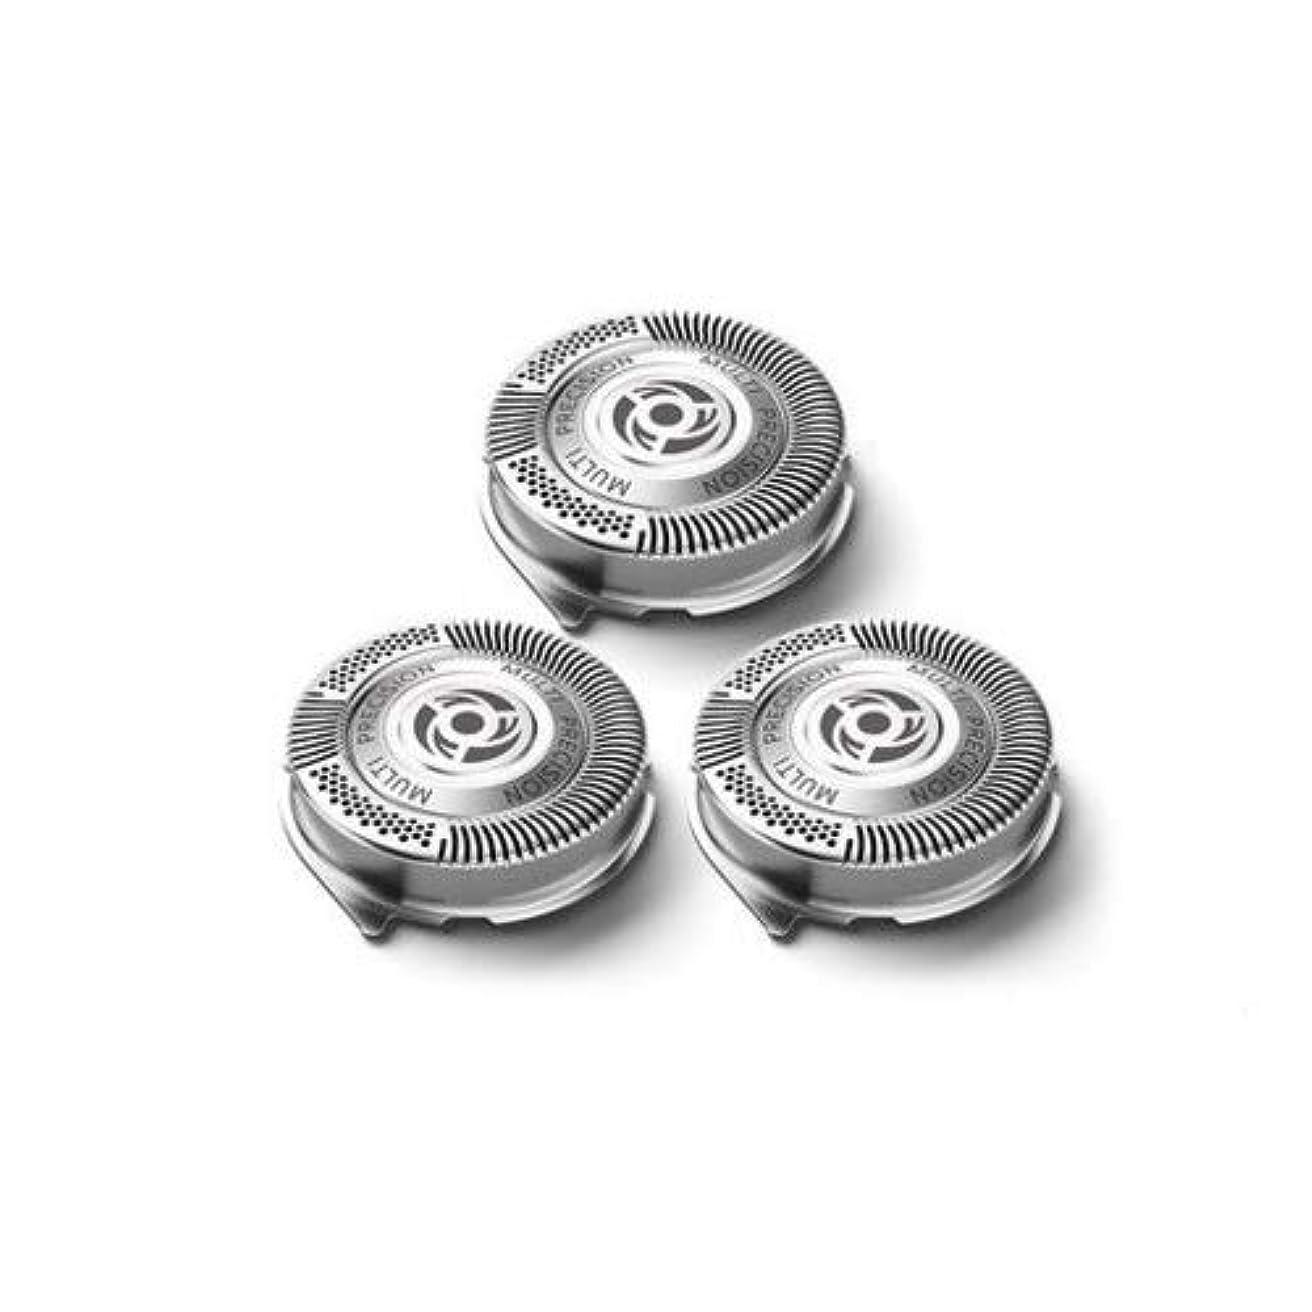 補償害読書シェーバーカミソリヘッド交換 替え刃 に適用するPhilips SH50 DualPrecisionヘッド(3個)